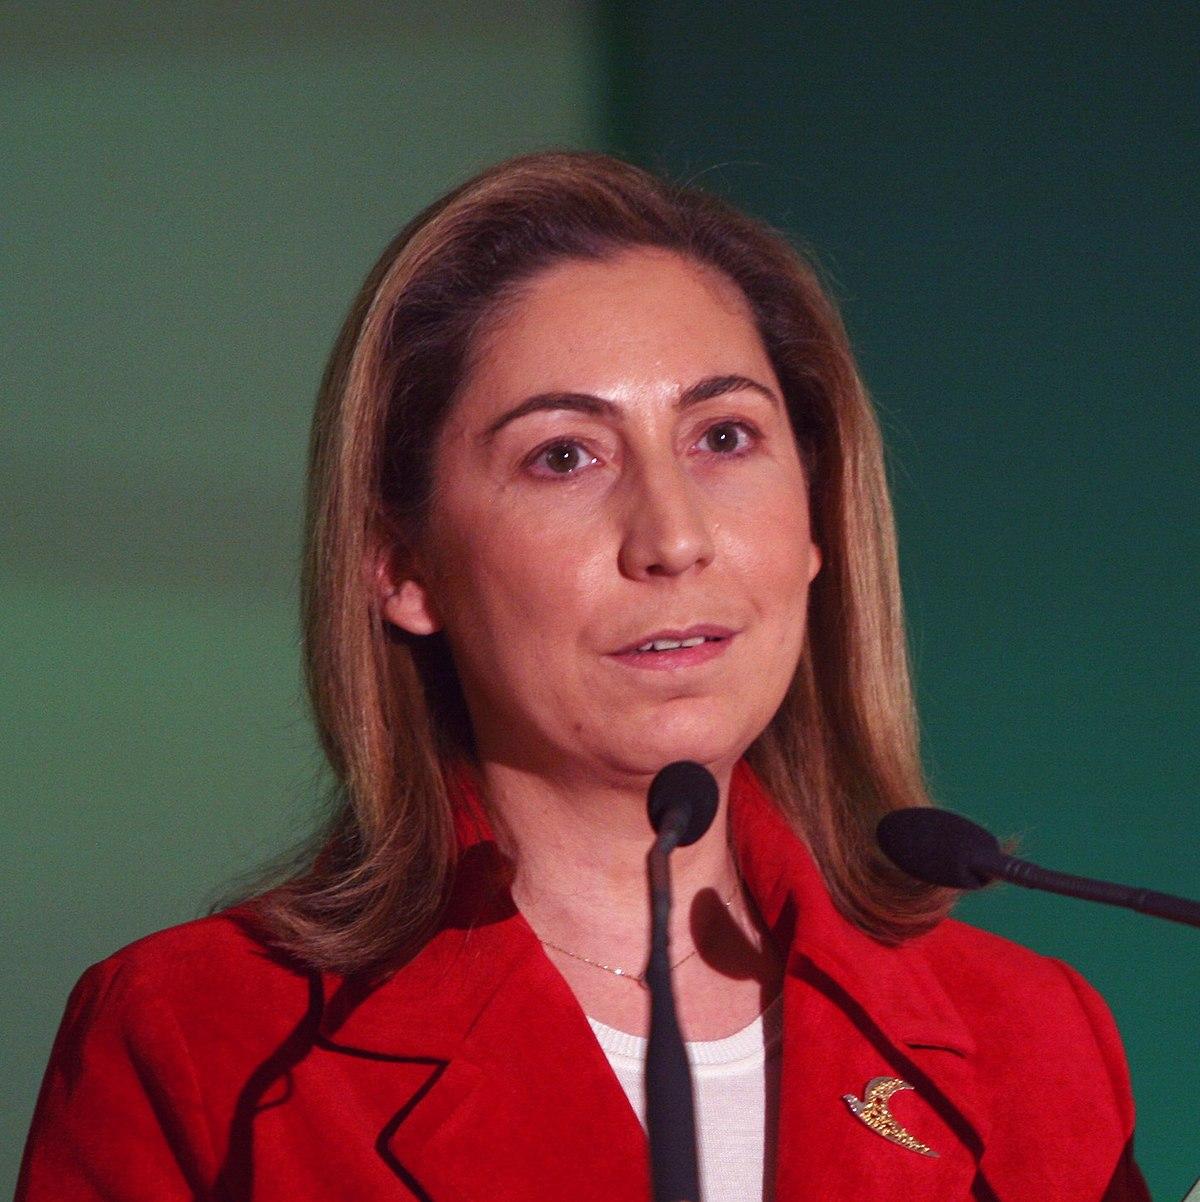 Μαριλίζα Ξενογιαννακοπούλου - Βικιπαίδεια